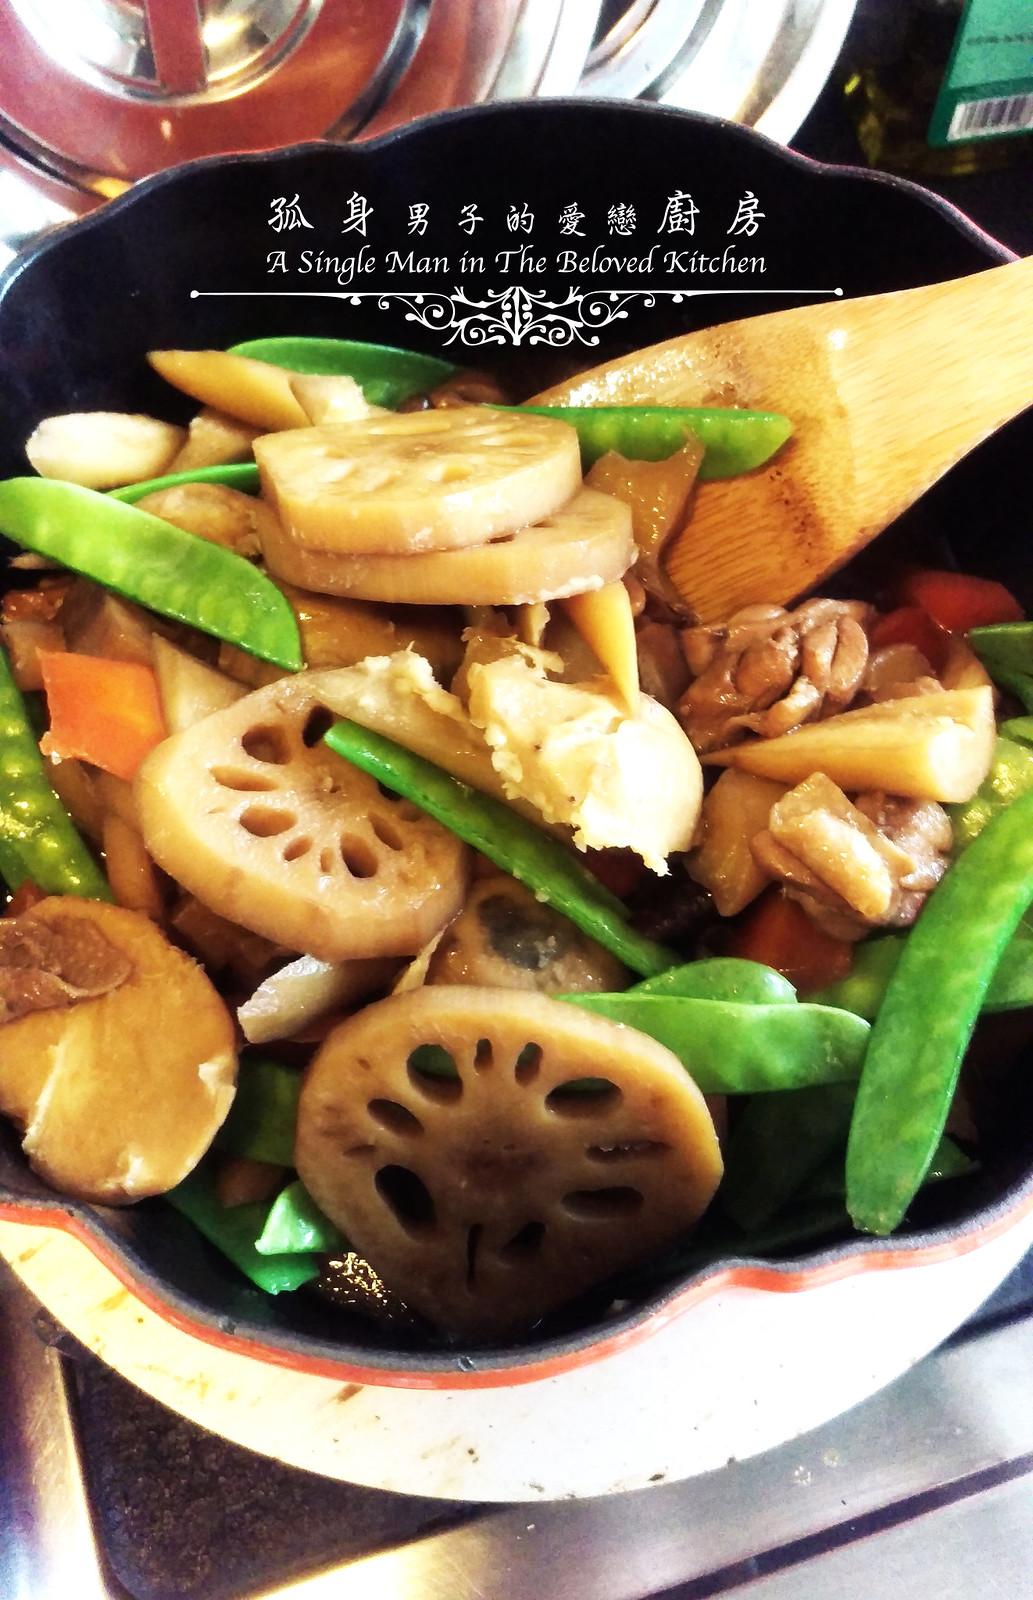 孤身廚房-食譜書《常備菜》試作——筑前煮、醬煮金針菇。甜滋滋溫暖和風味20